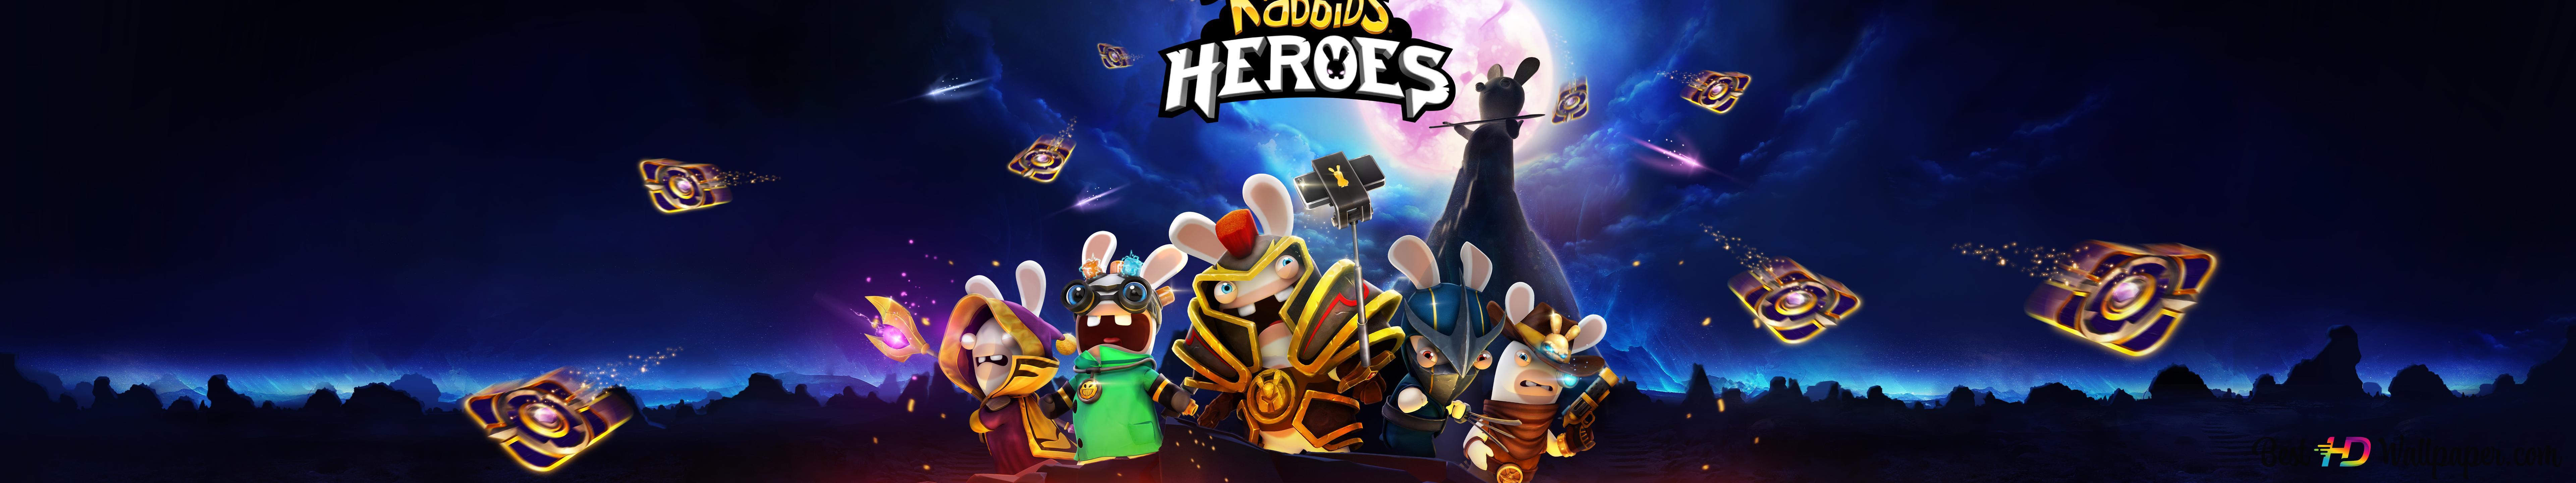 Rabbids Heroes HD wallpaper download